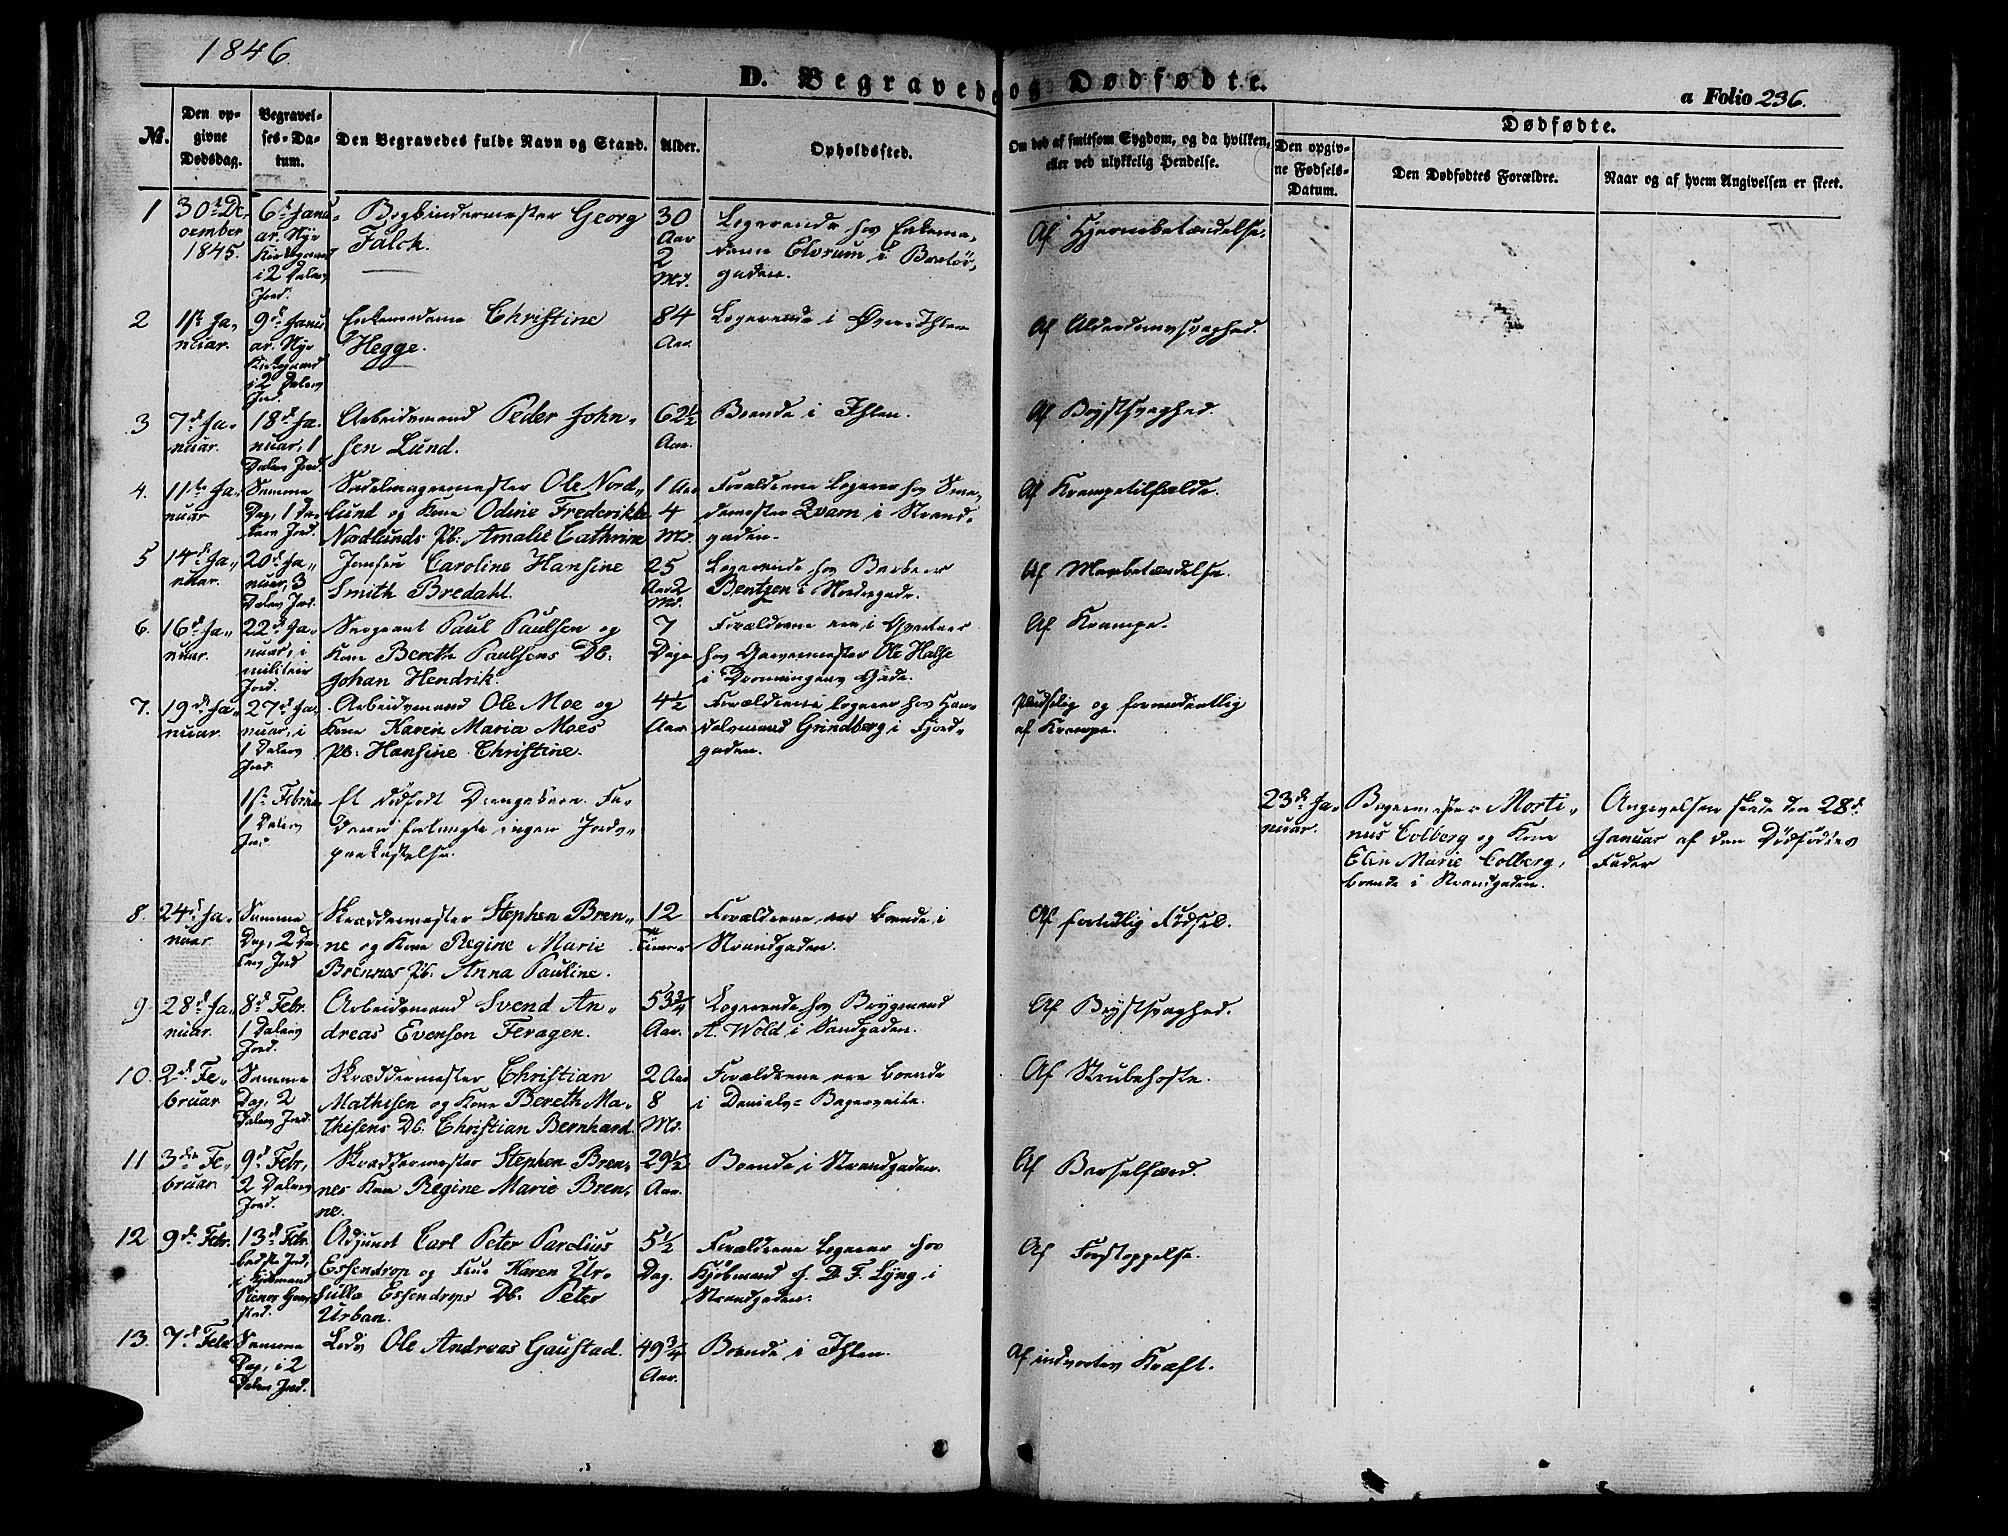 SAT, Ministerialprotokoller, klokkerbøker og fødselsregistre - Sør-Trøndelag, 602/L0137: Klokkerbok nr. 602C05, 1846-1856, s. 236